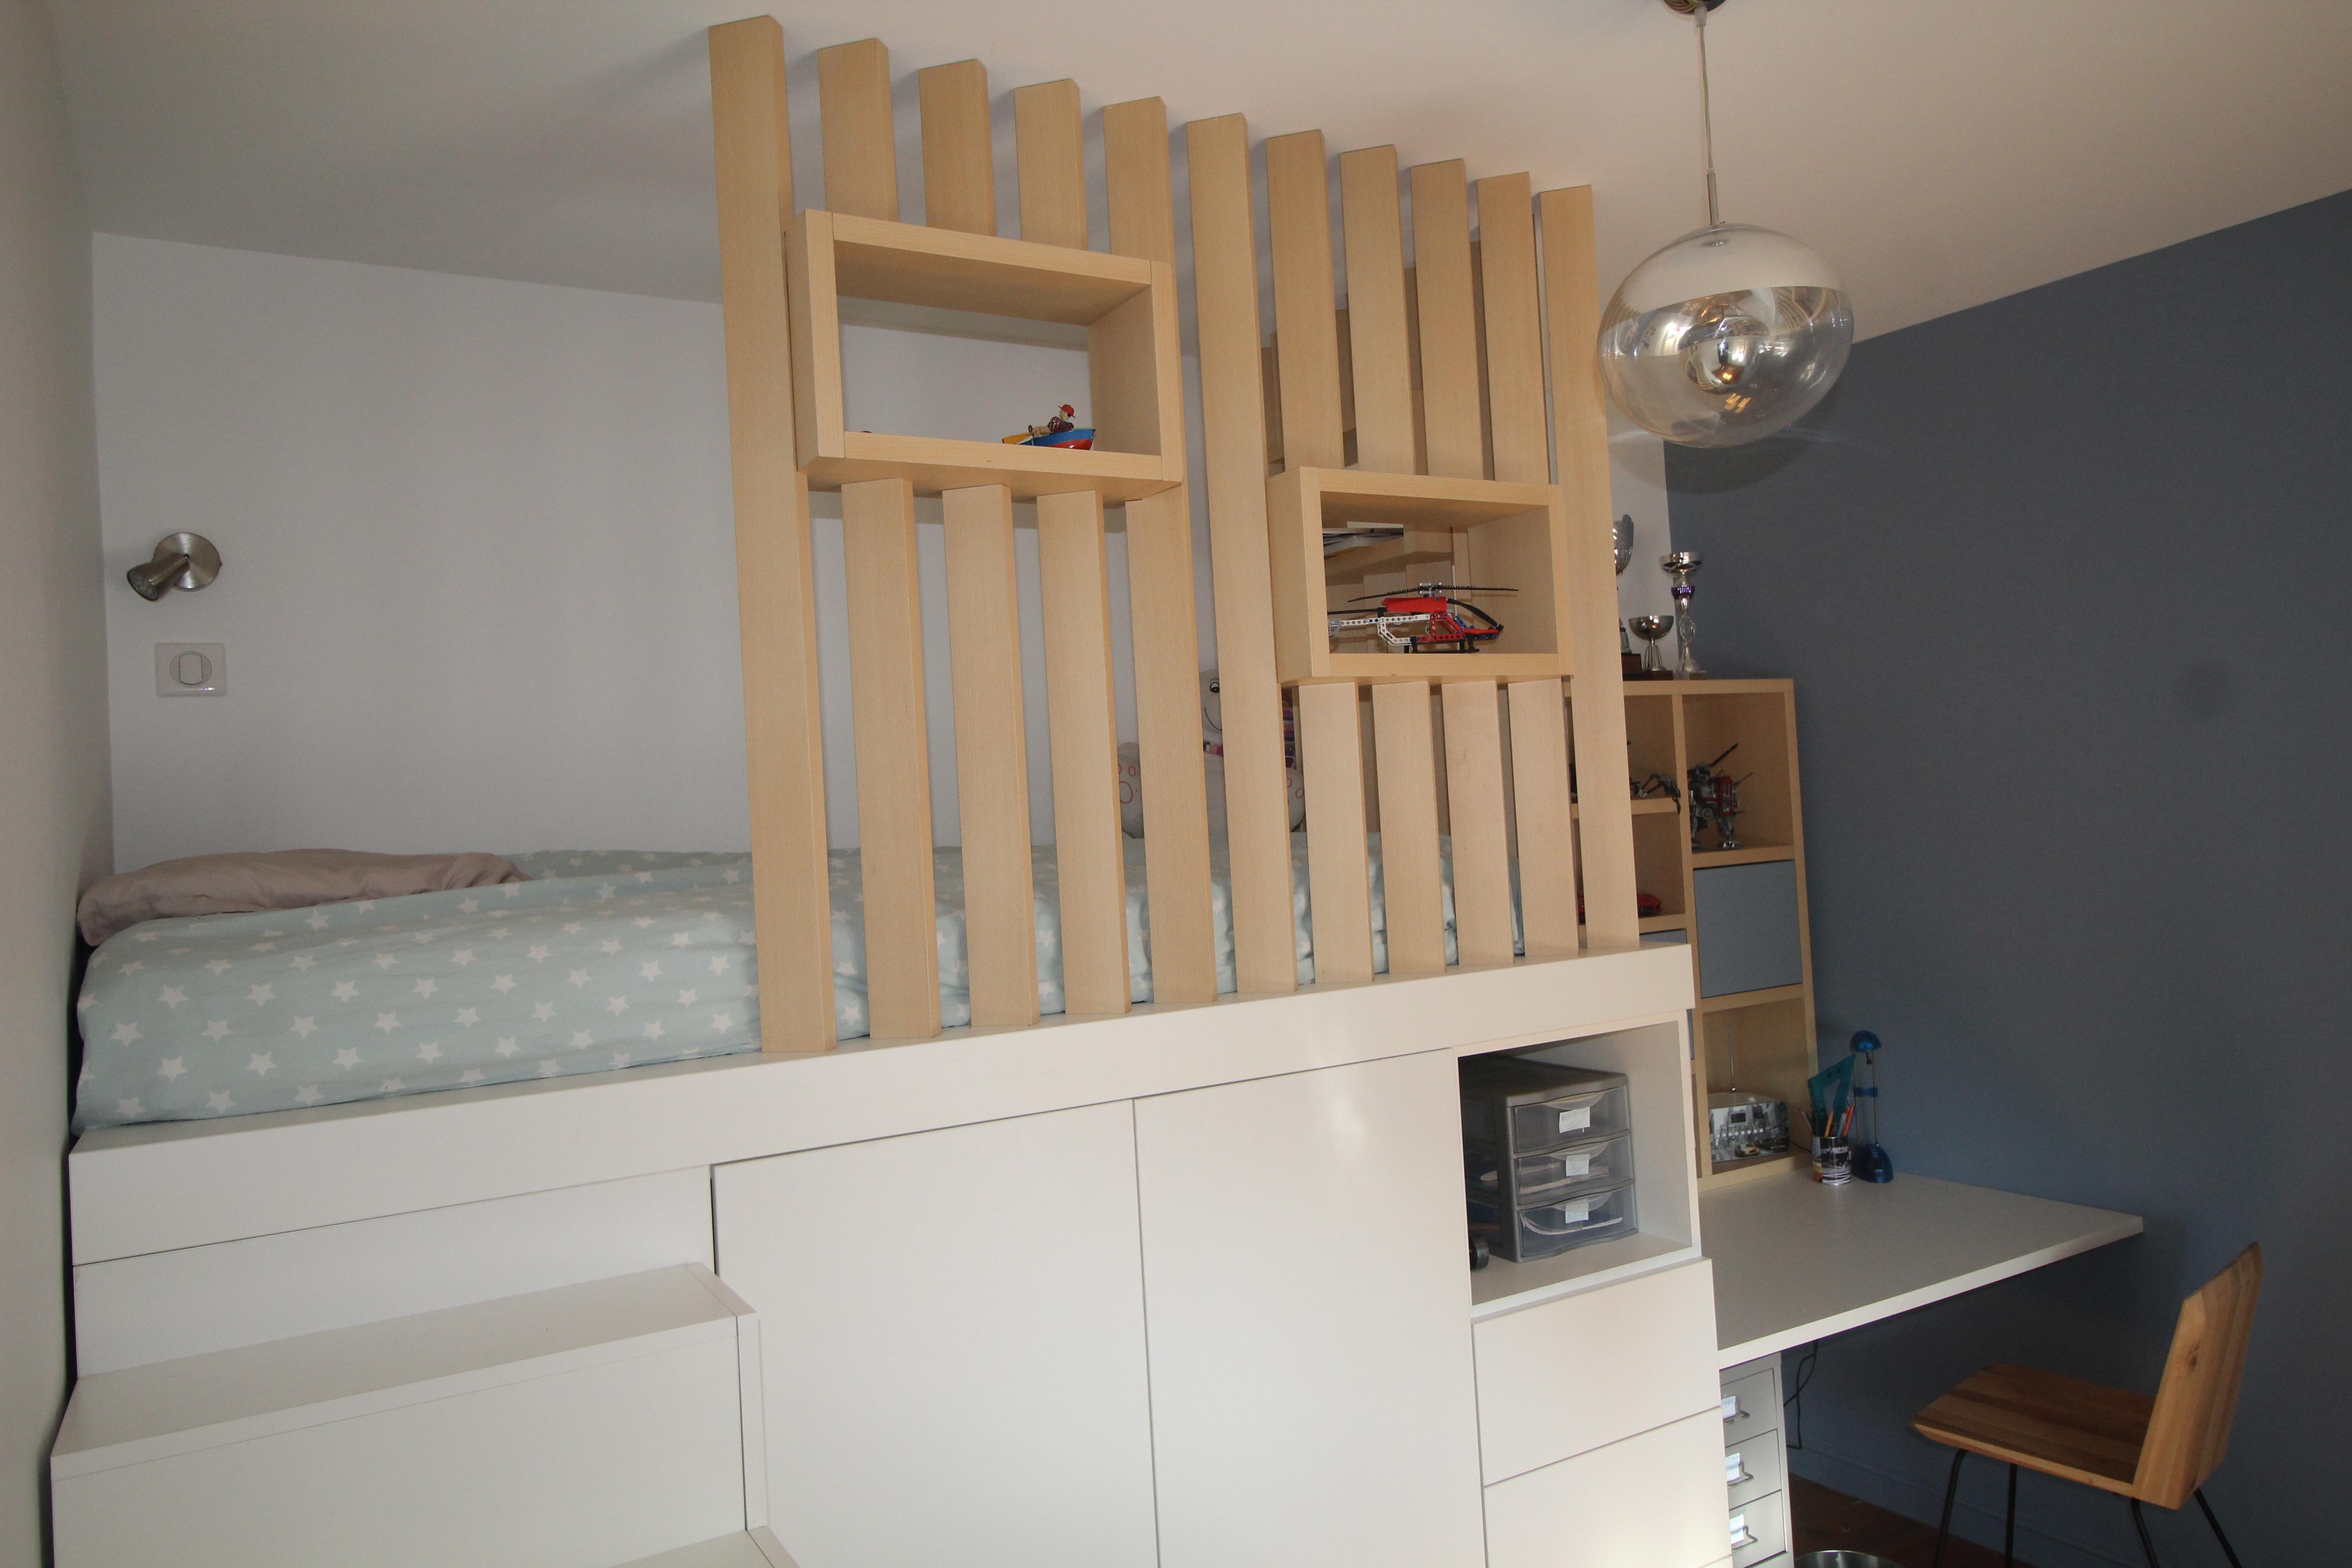 Chambre Lit Cabane Fille aménagement d'une chambre d'adolescent avec un lit cabane en